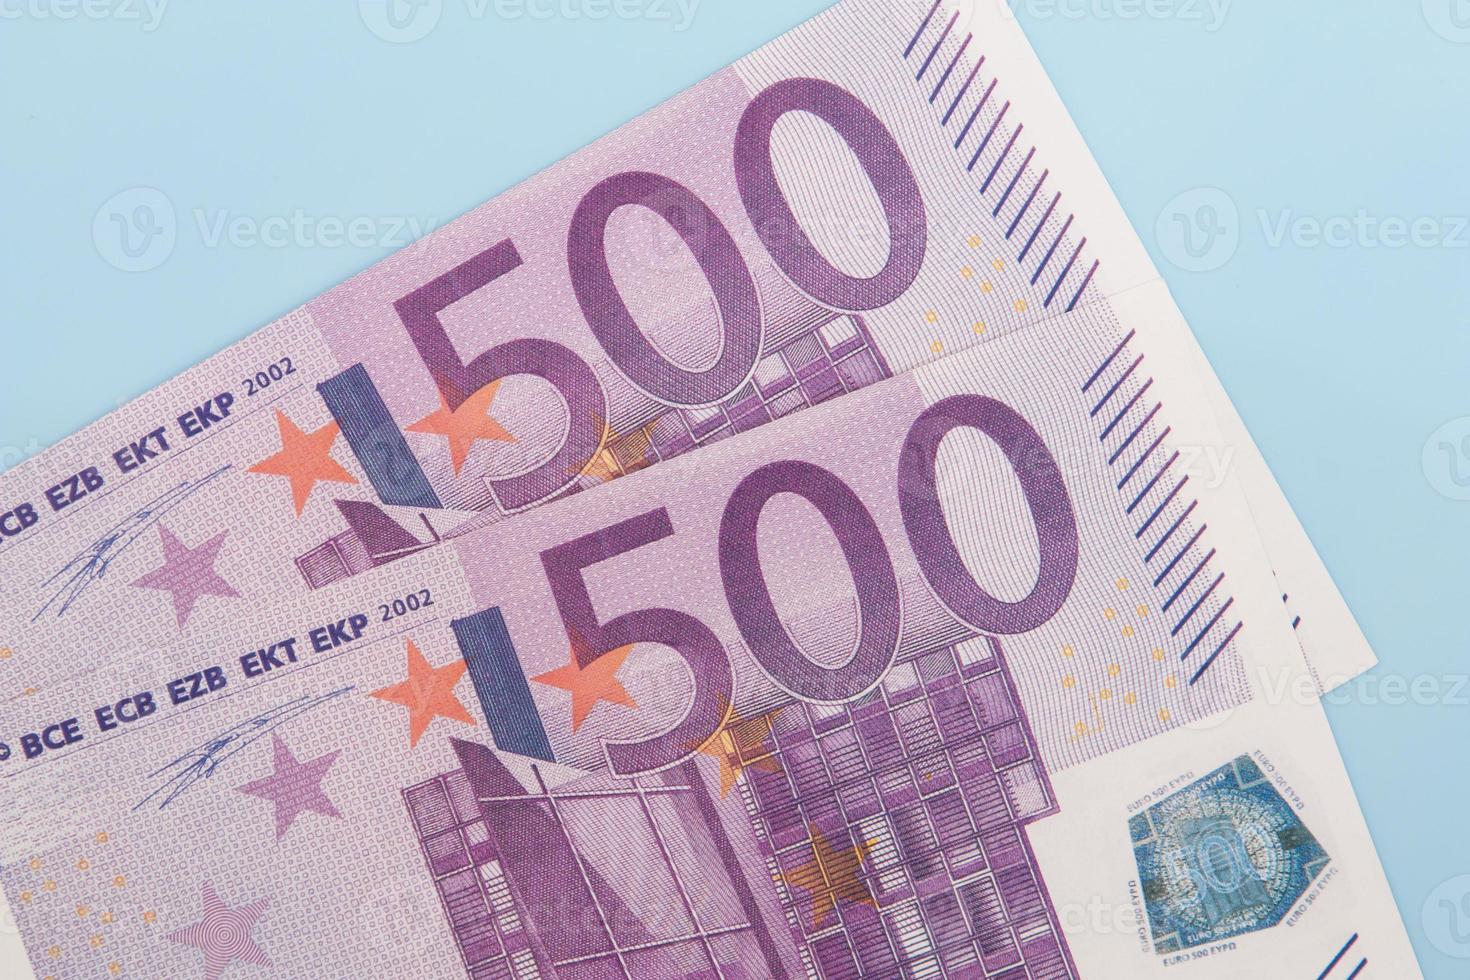 twee biljetten van 500 euro foto